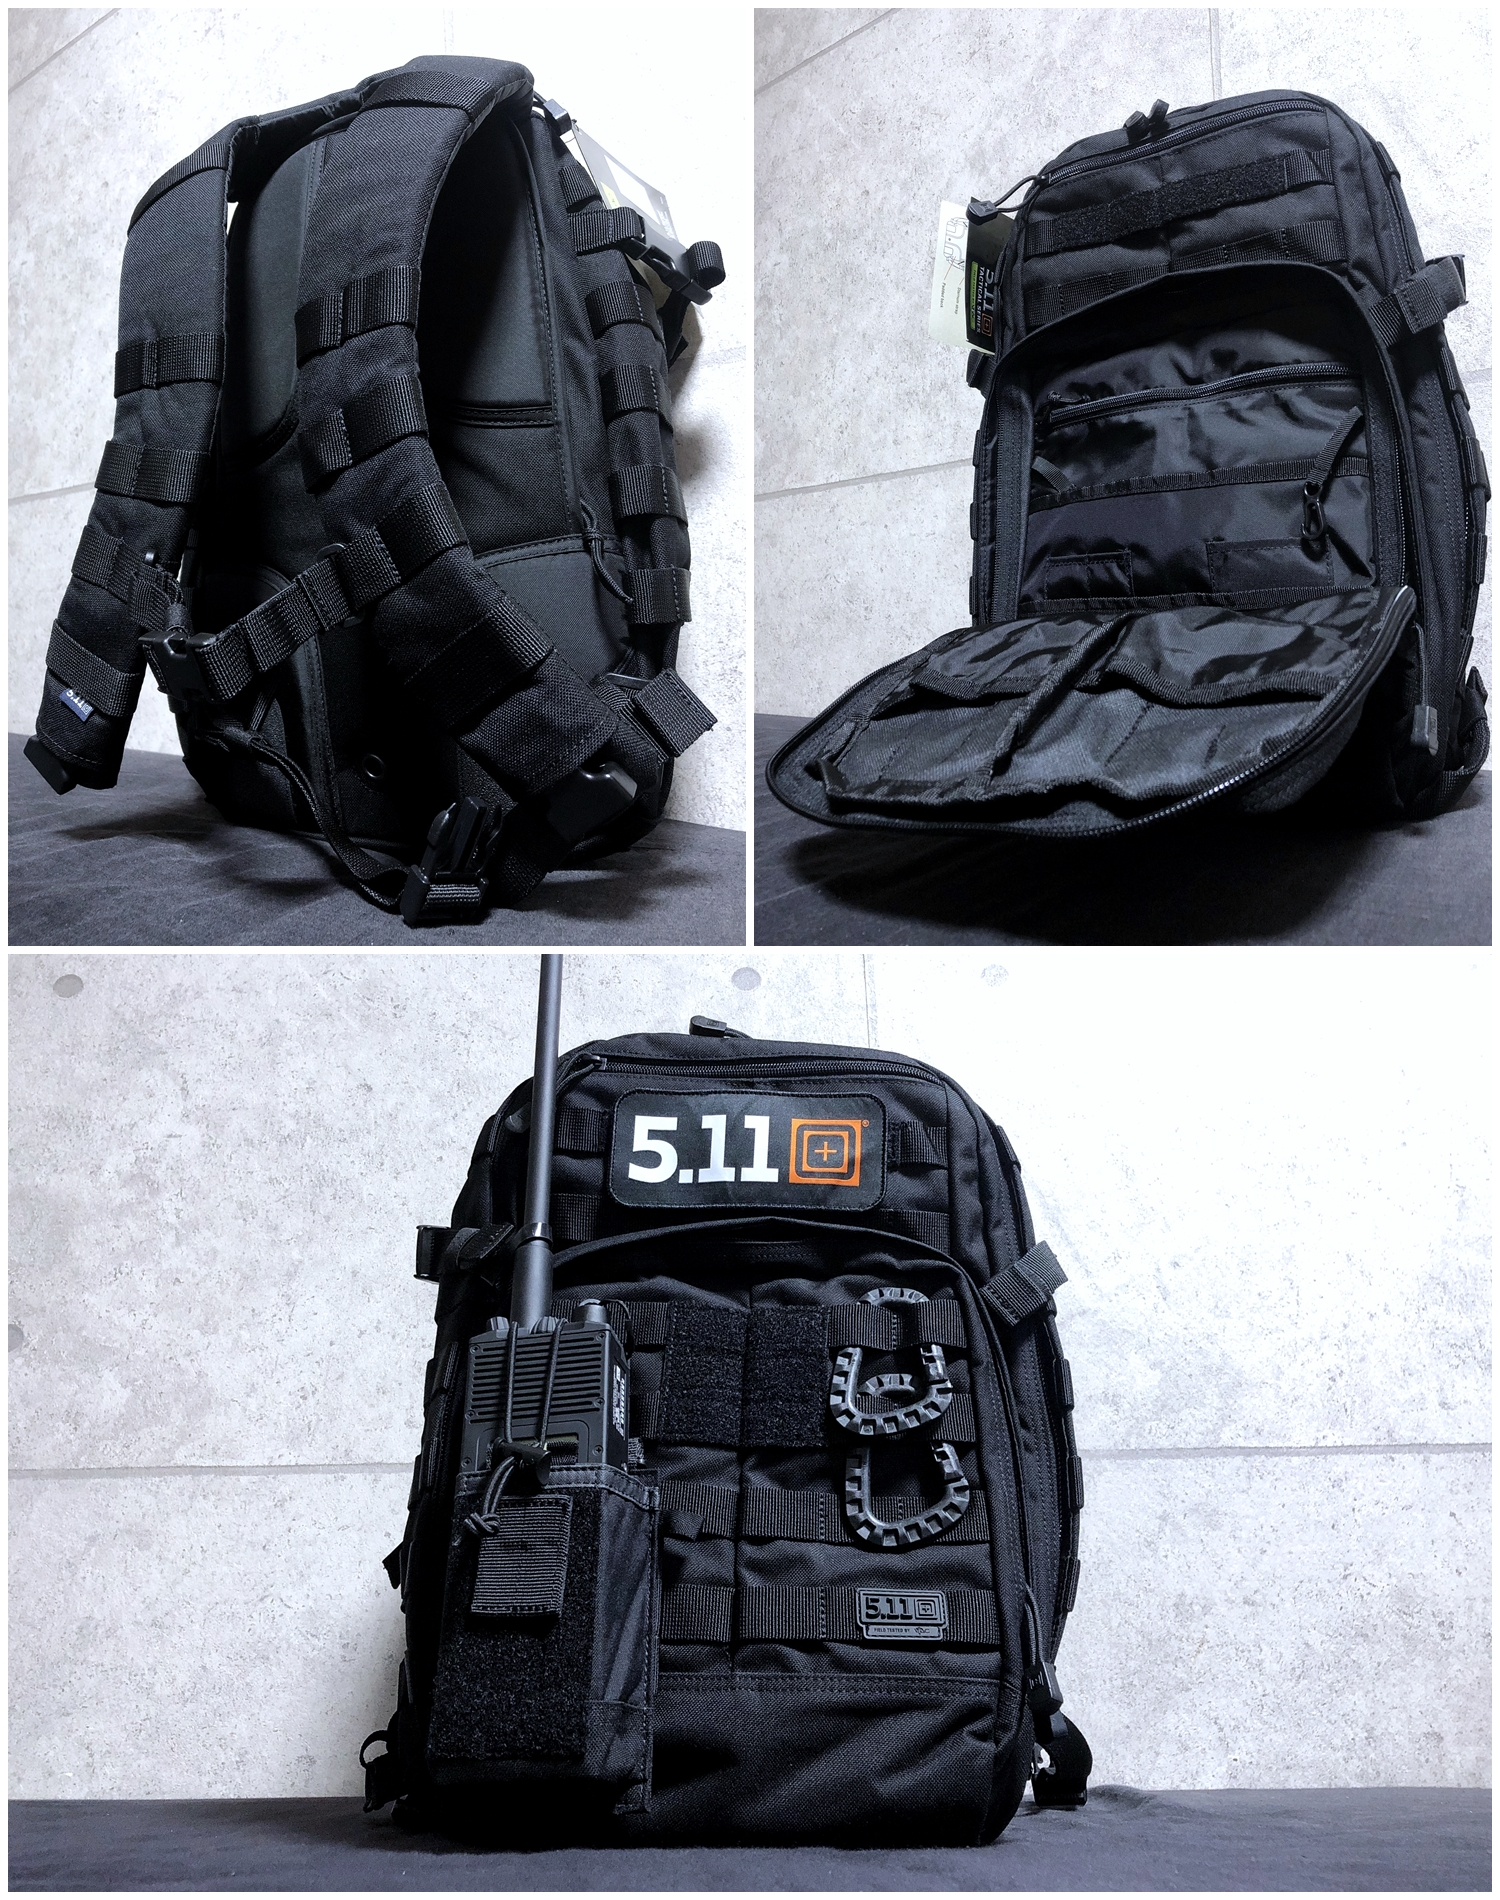 2 実物 511 Tactical RUSH 12 BACKPACK CUSTOM!! ライフルケース・ストラップシステム・ポーチ・ワッペン・ITW TAC LINKなど!! ファイブイレブン タクティカル ラッシュ バックパック カスタム!! 購入 取付 レビュー